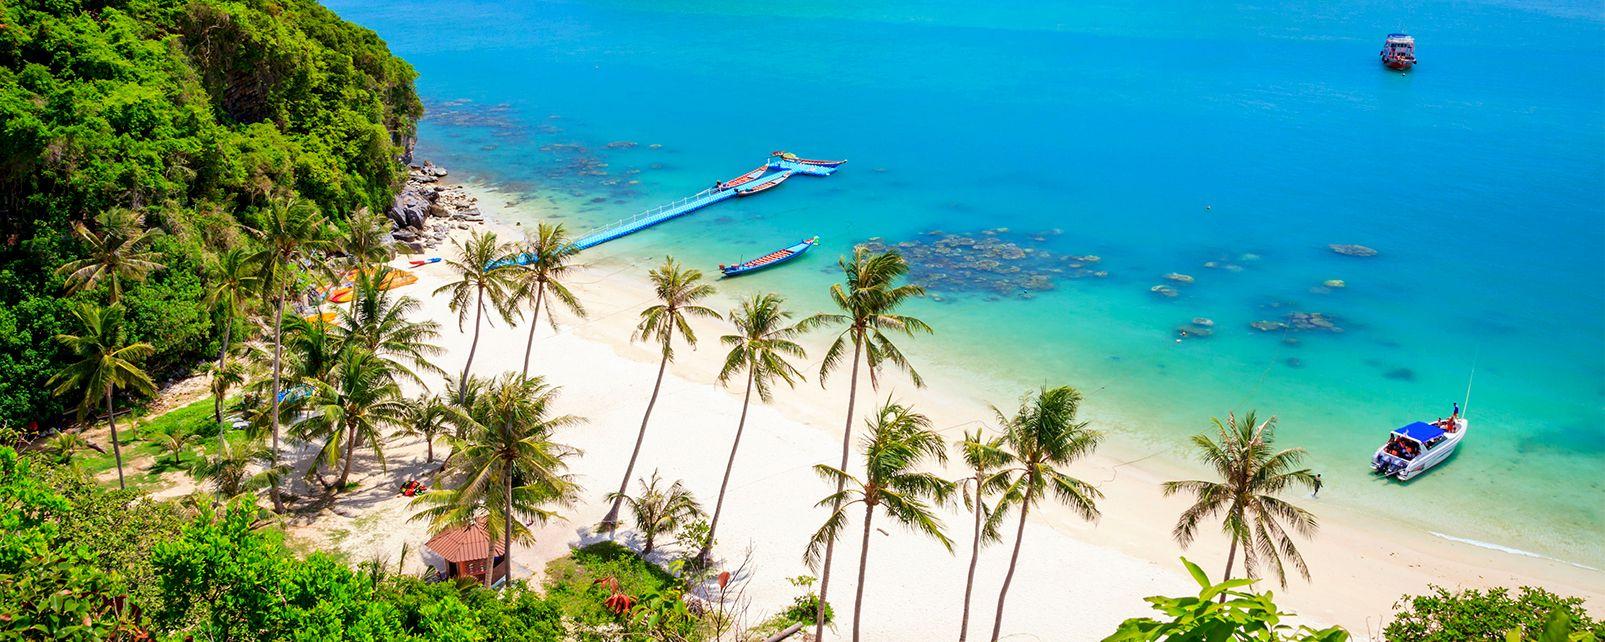 Bophut, Koh Samui, Koh Samui, Les côtes, Thaïlande